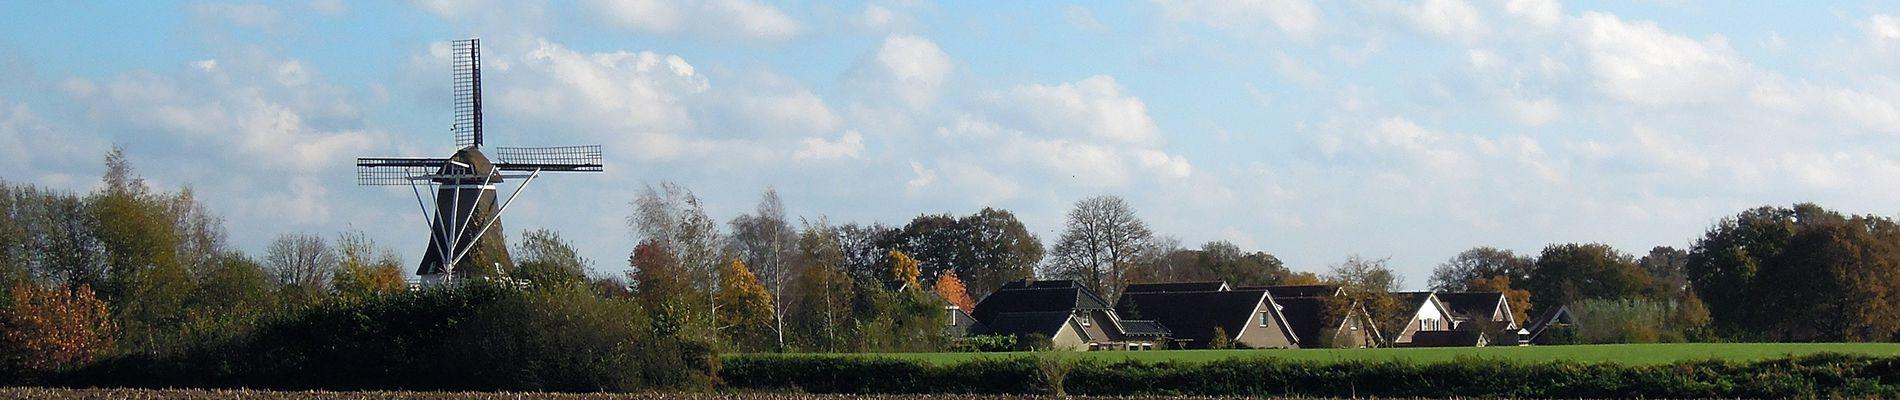 Stichting de Overijsselse molen | header foto